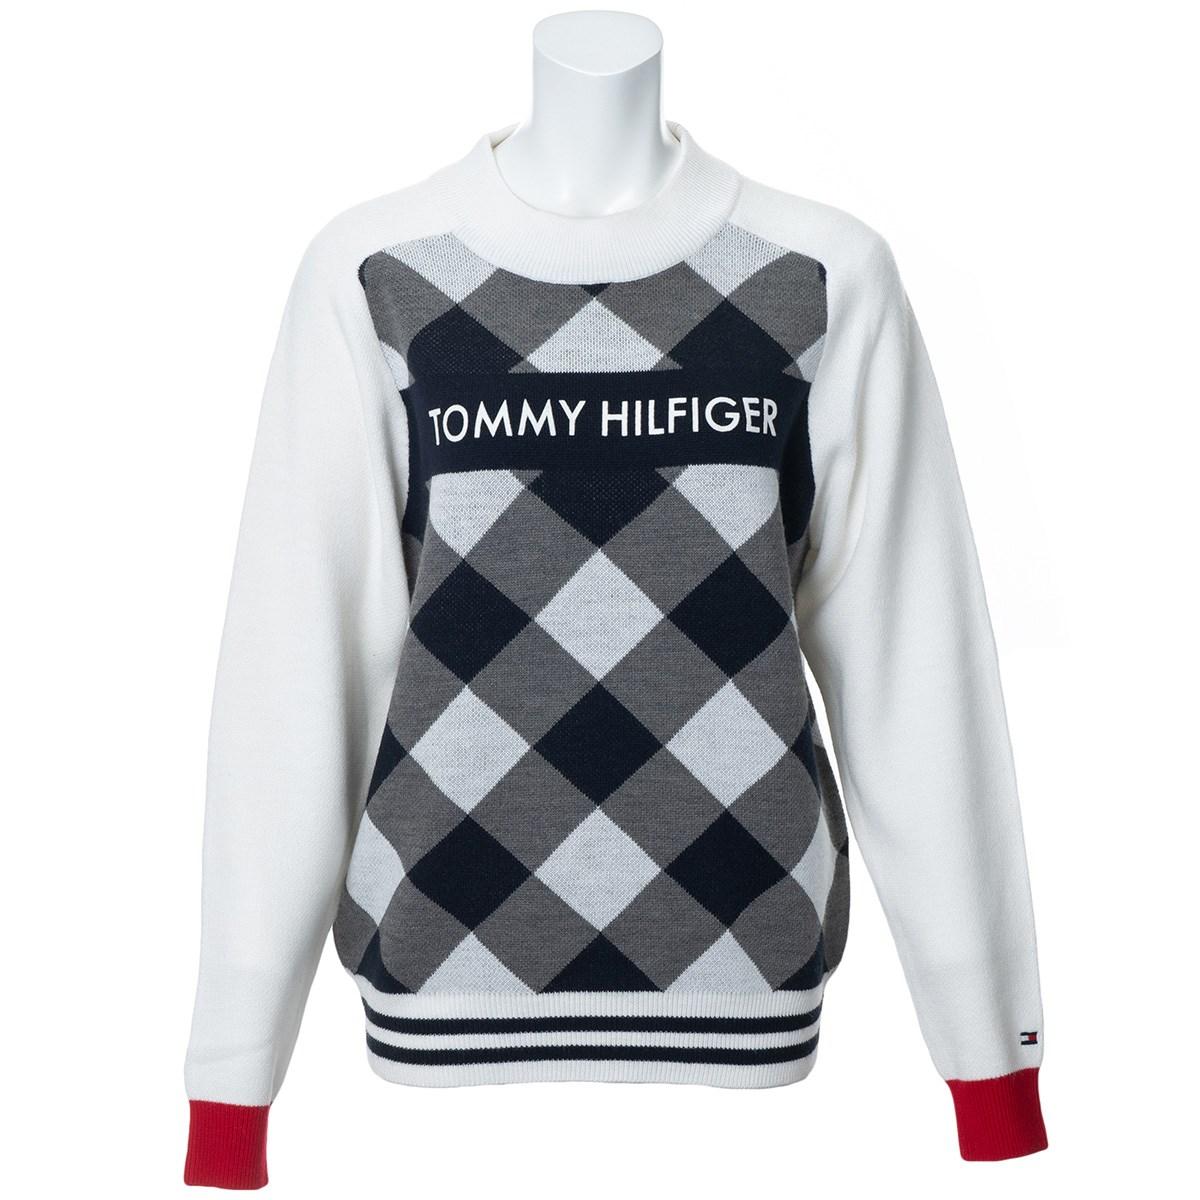 トミー ヒルフィガー ゴルフ TOMMY HILFIGER GOLF バイアスチェック セーター M ホワイト レディス